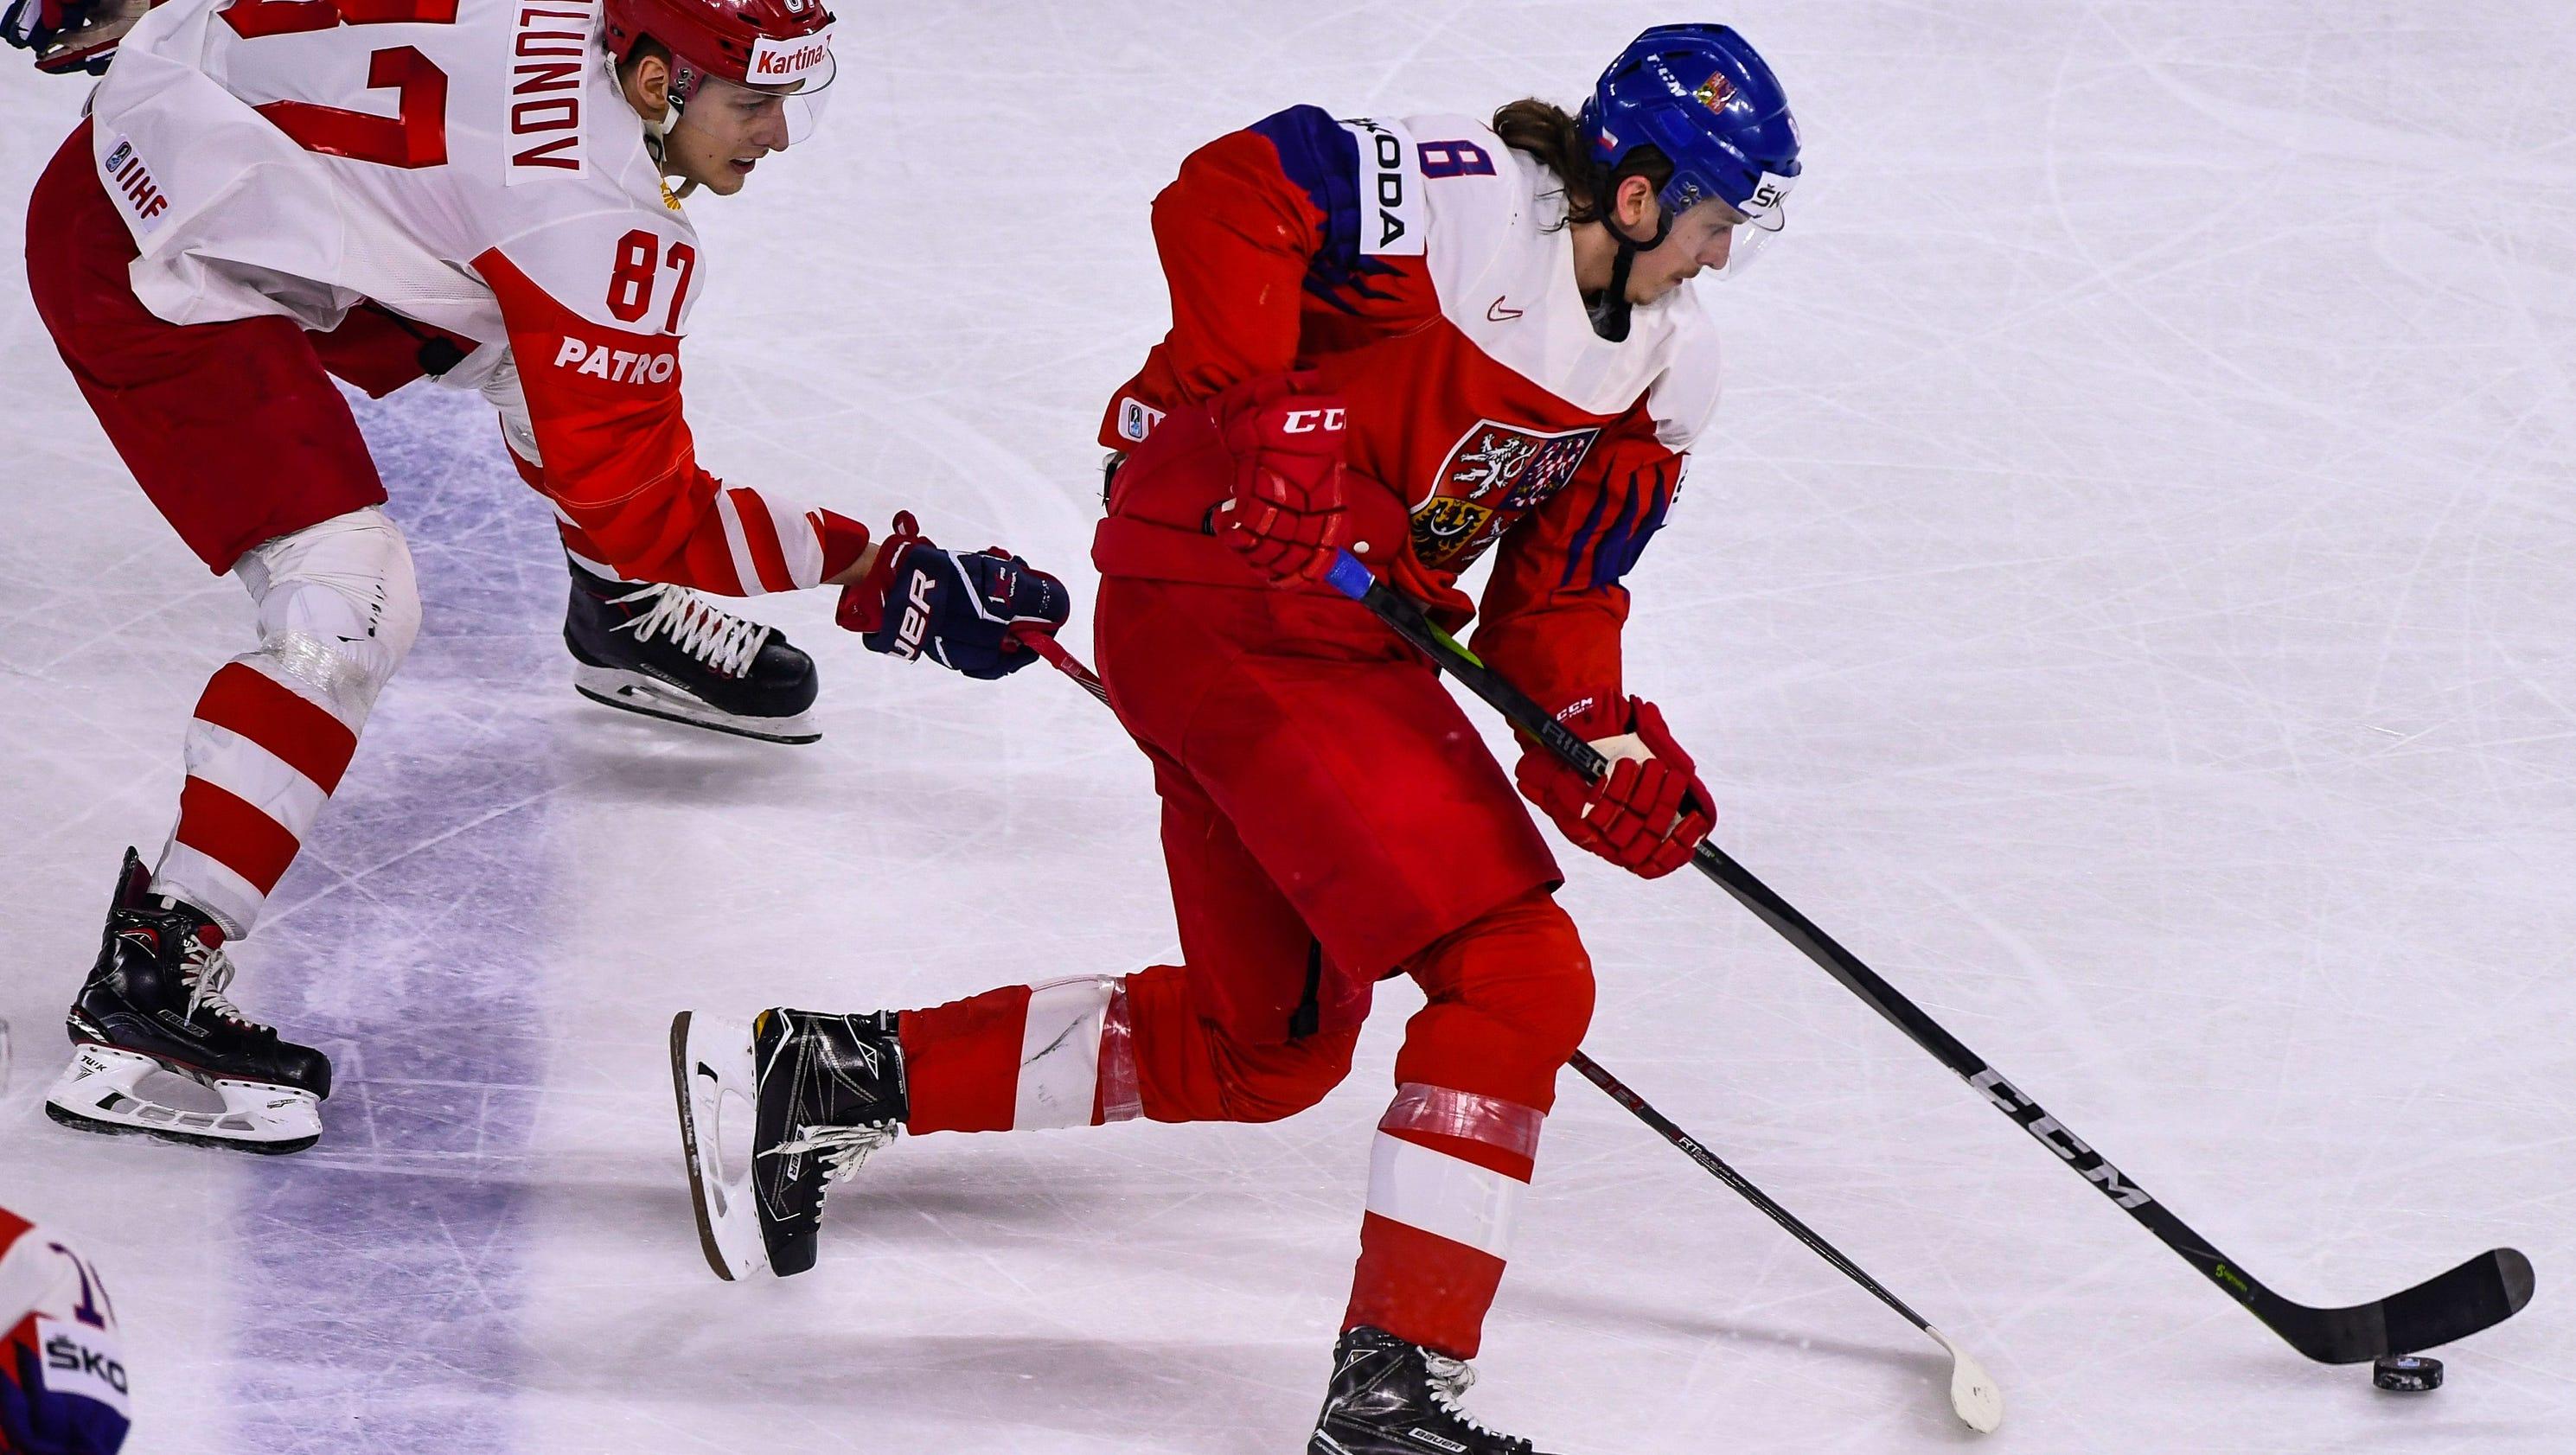 636619139648002172-epa-iihf-ice-hockey-world-c